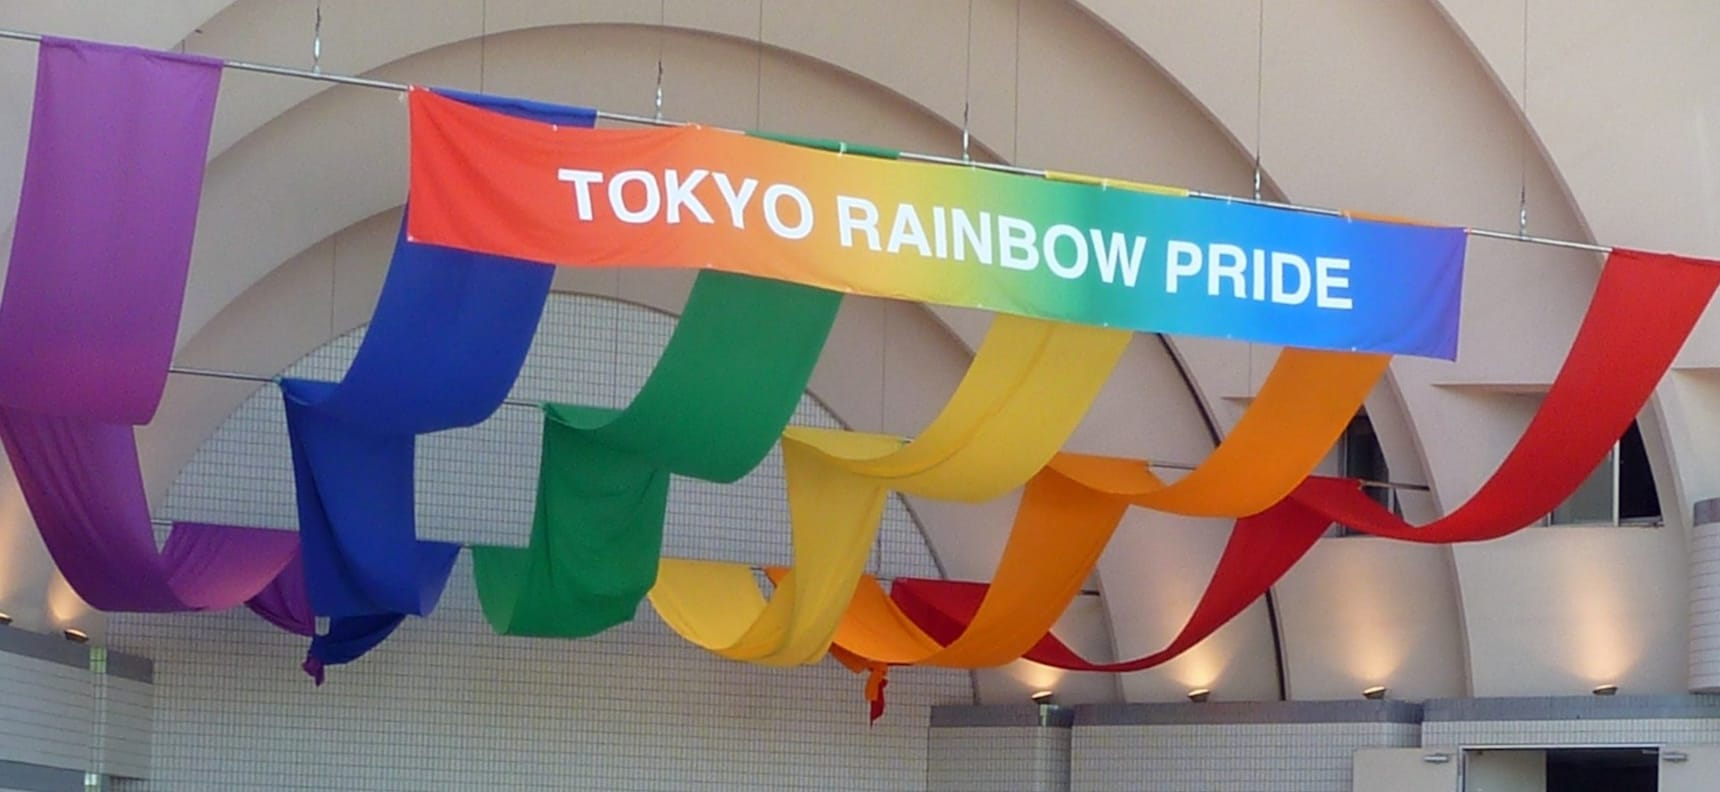 Tokyo Rainbow Pride Guide 2018